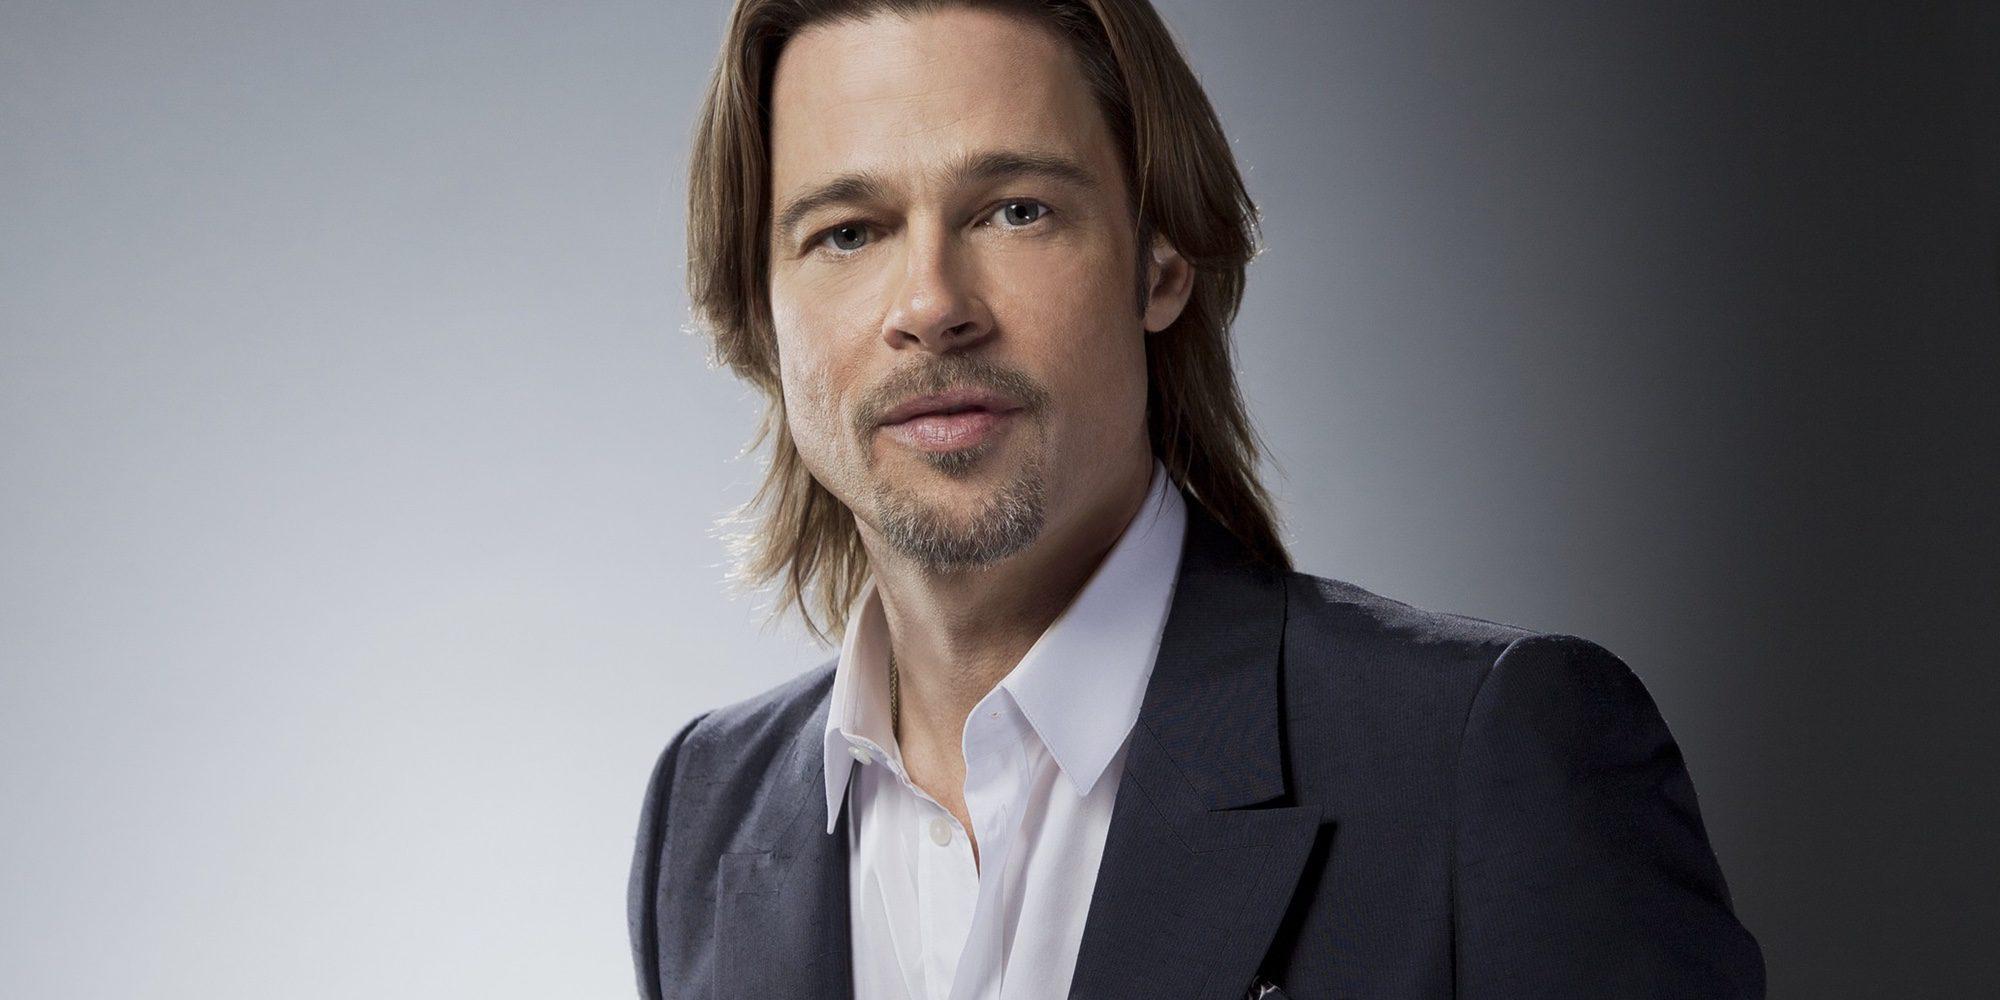 Brad Pitt sigue soltero a pesar de los rumores que lo relacionan con Sienna Miller o Elle Macpherson